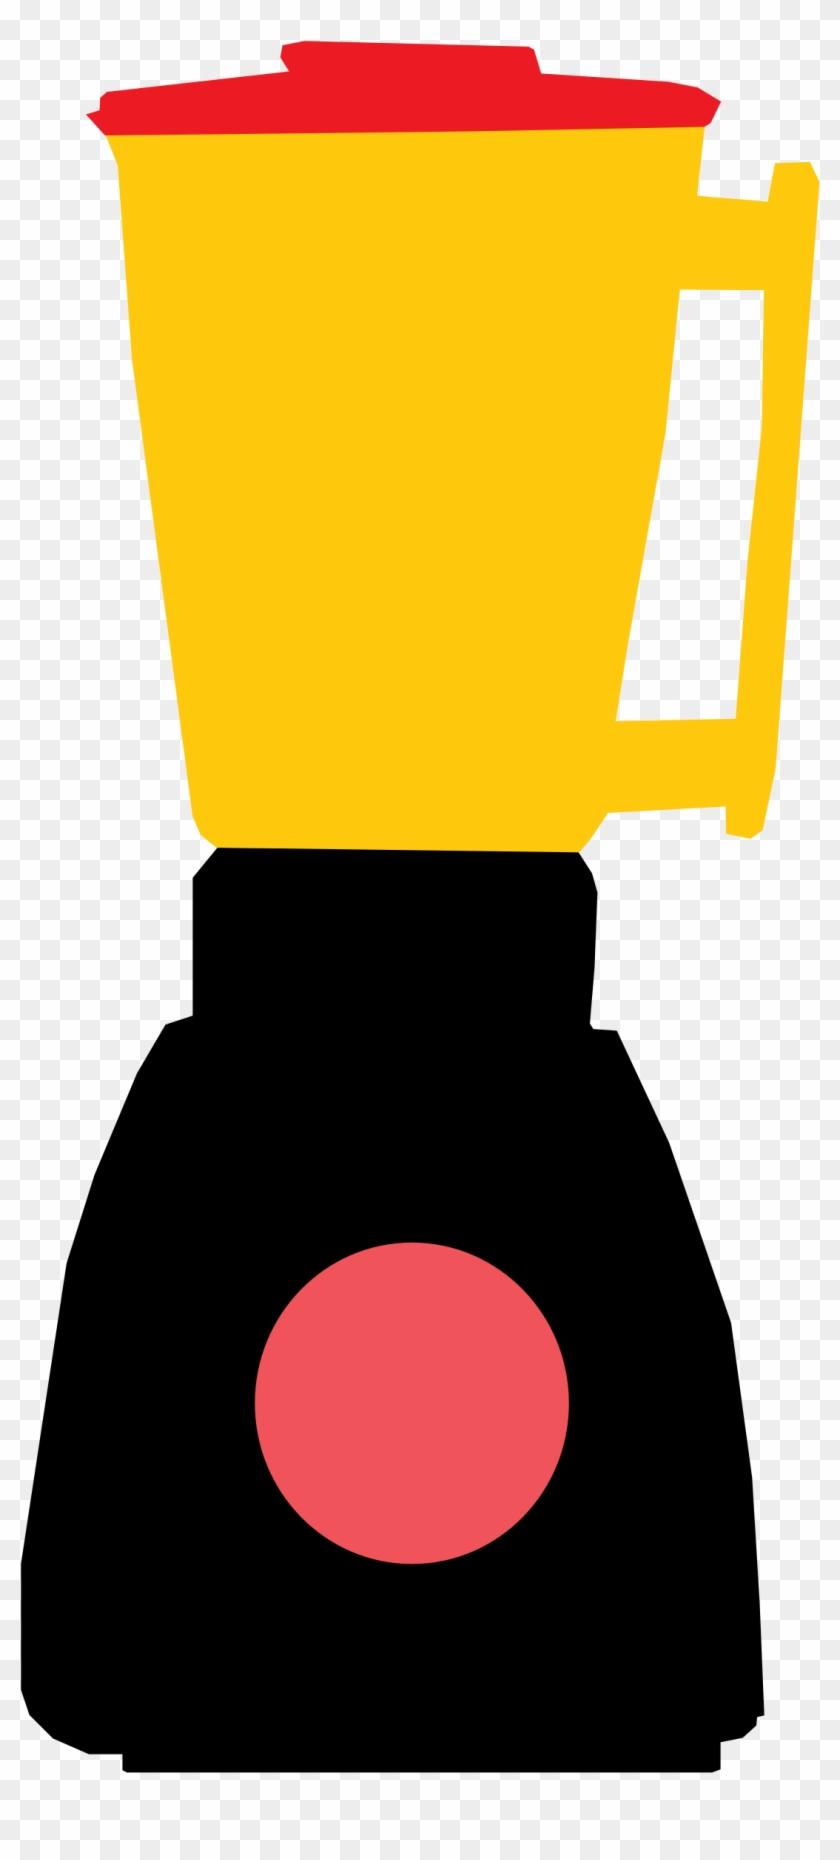 Png transparent . Blender clipart emoji